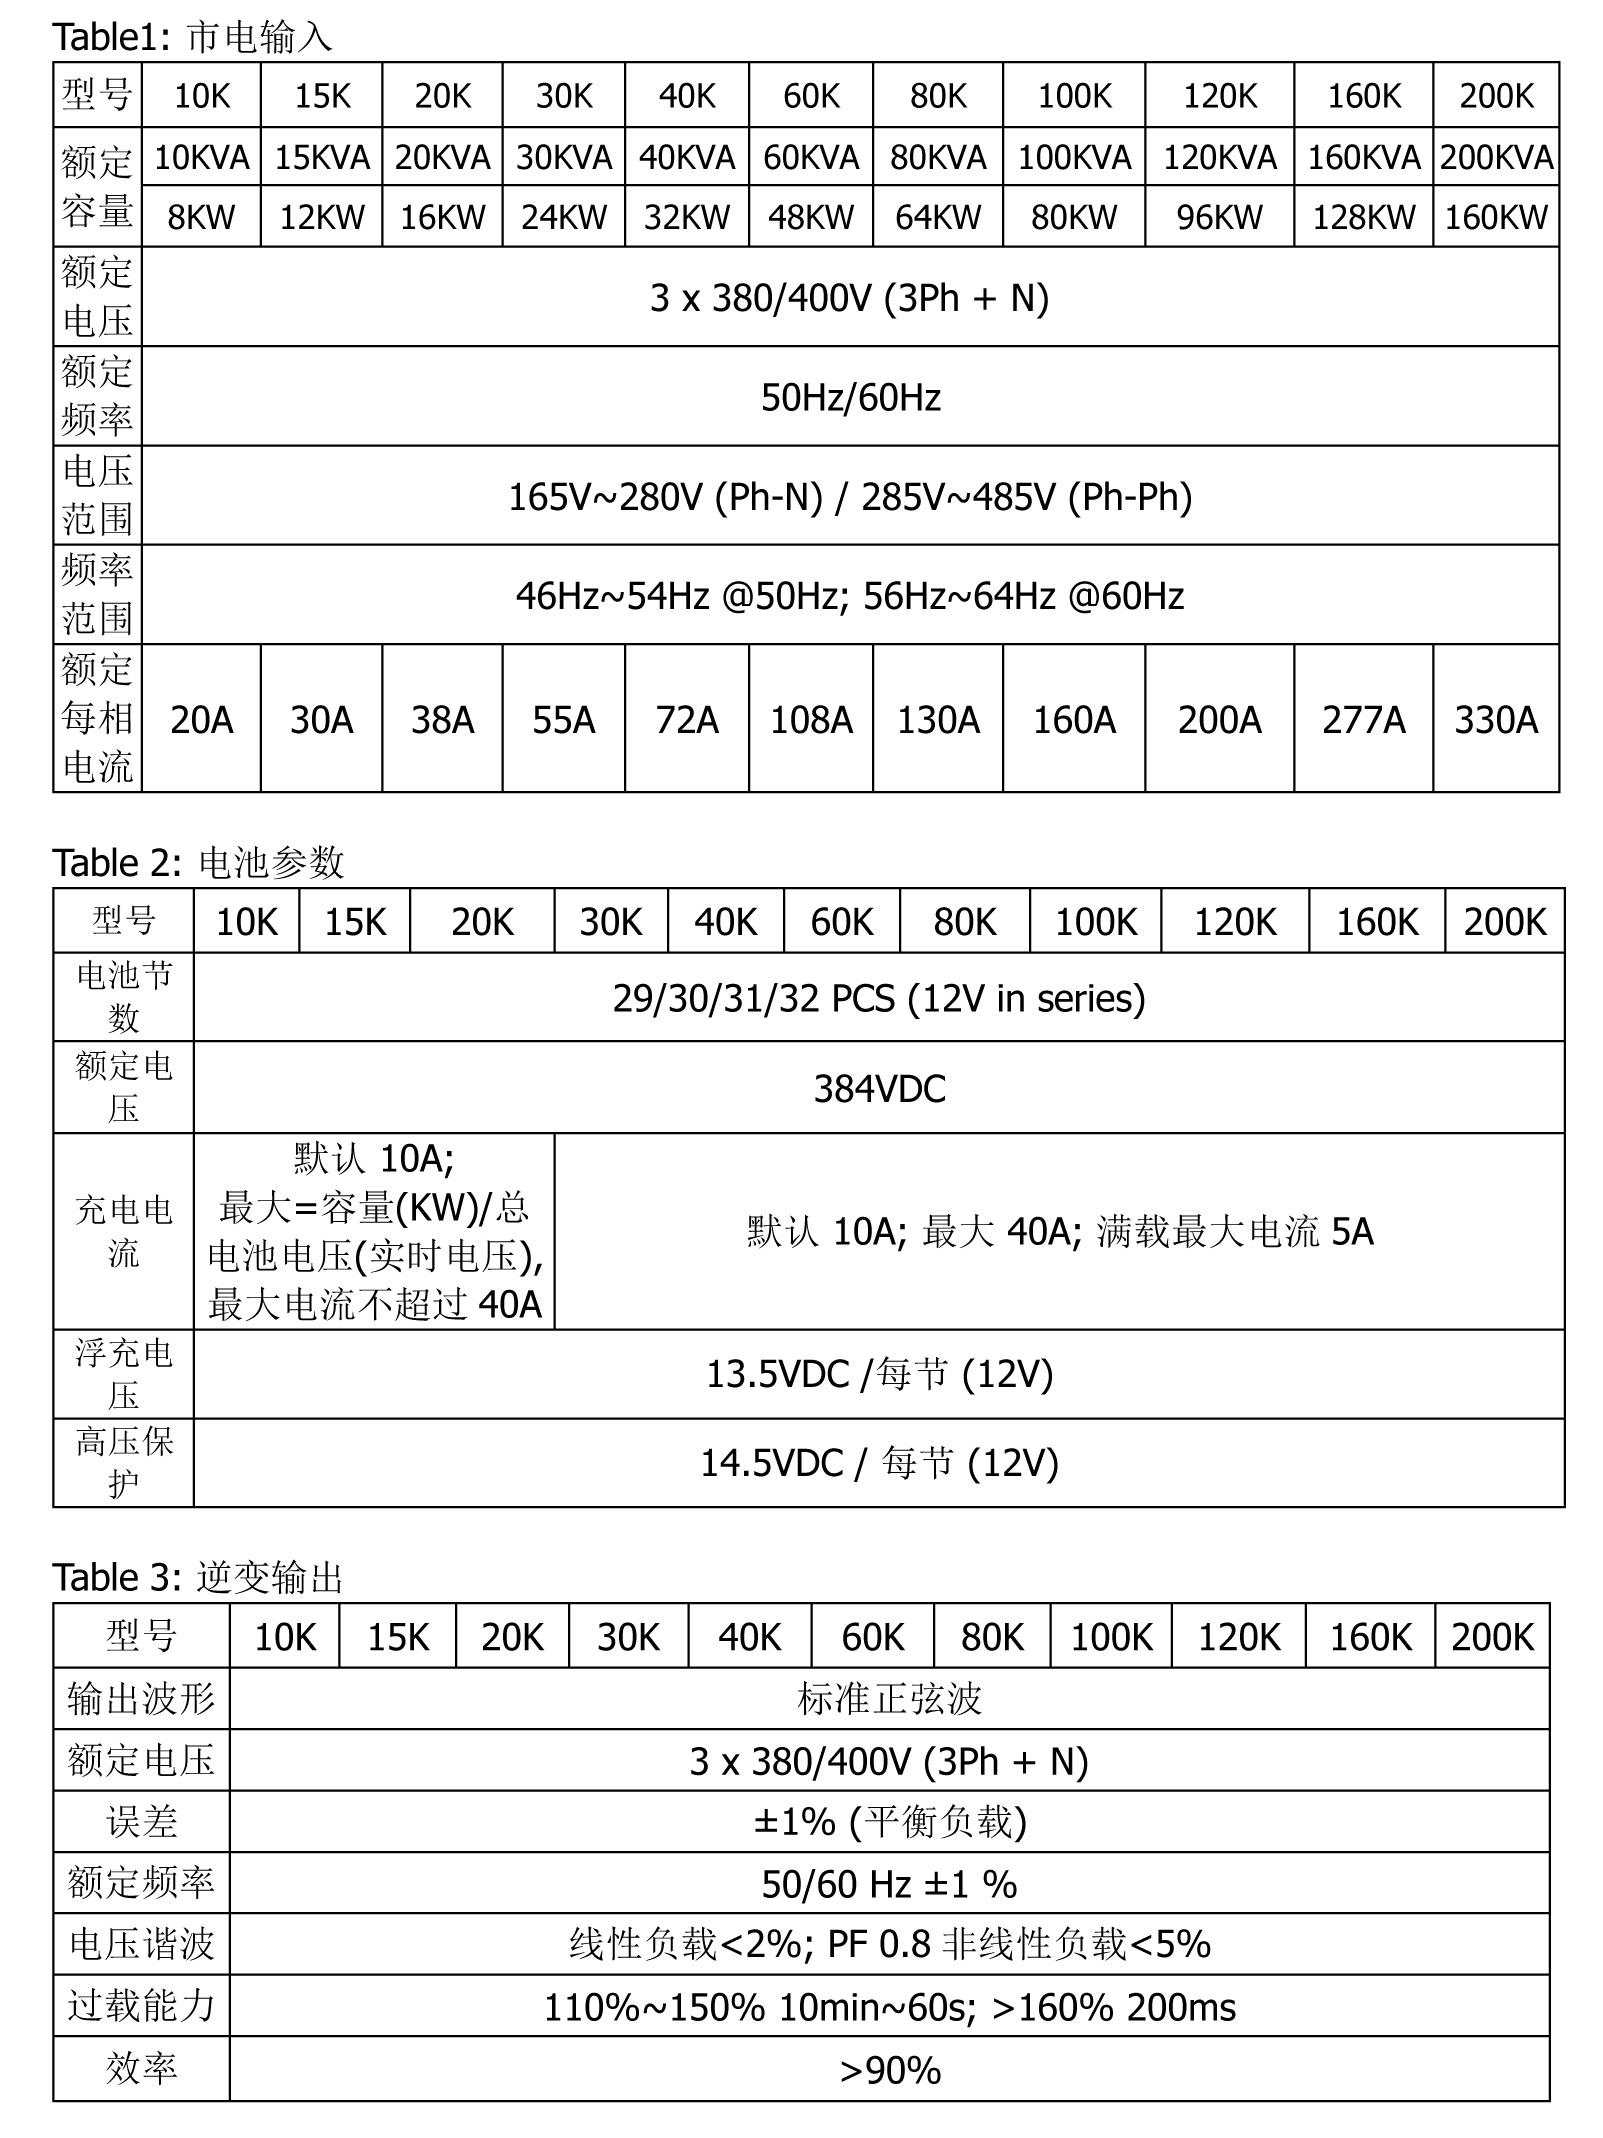 GX3C3+10-200k -- 2.jpg